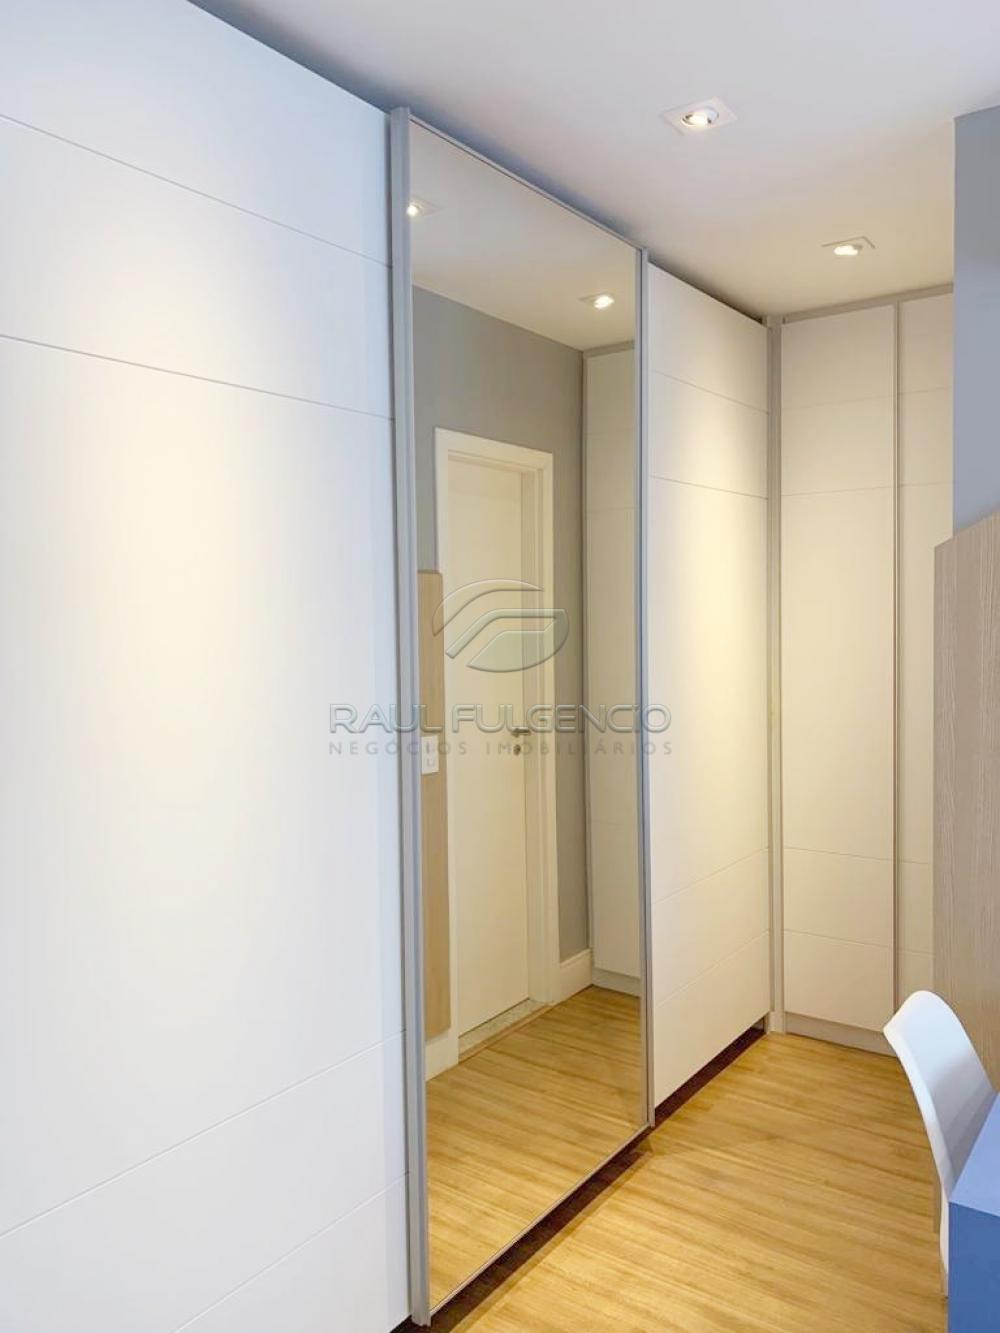 Comprar Apartamento / Padrão em Londrina apenas R$ 1.250.000,00 - Foto 32